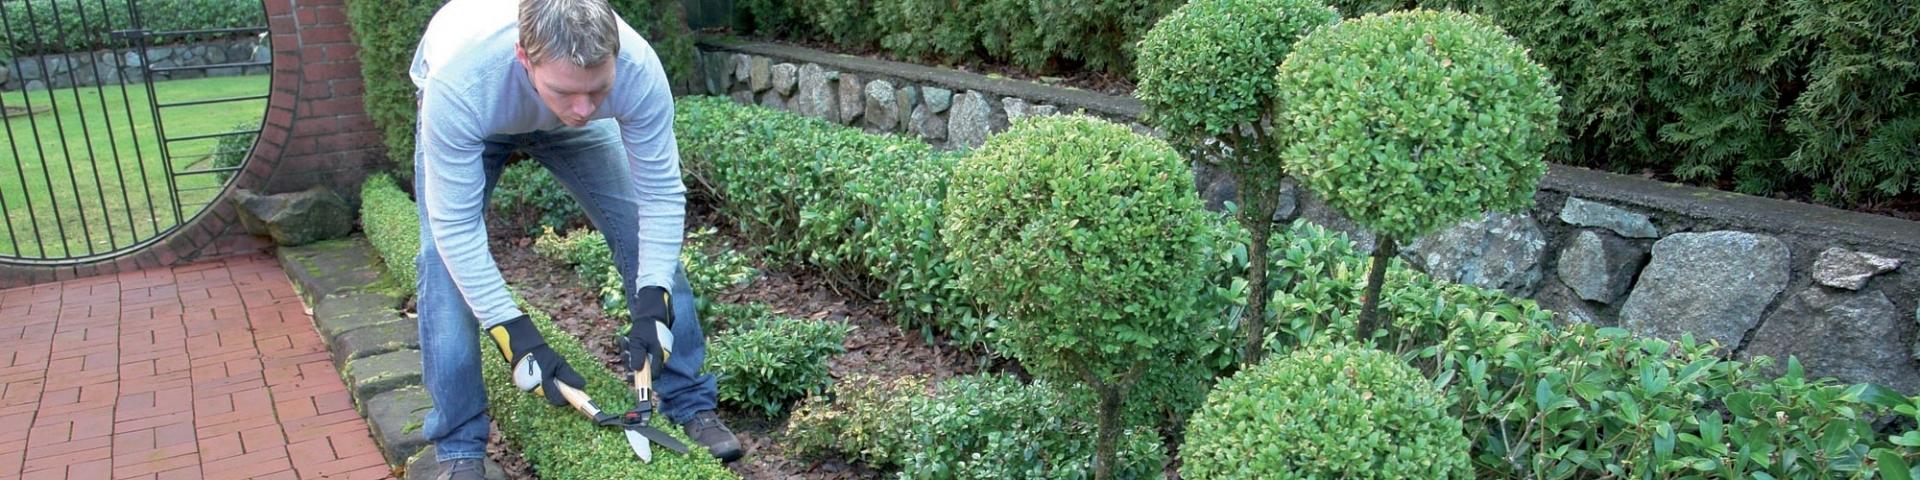 Signature verte le paysagiste de bordeaux paysagistes for Entretien jardin saint medard en jalles